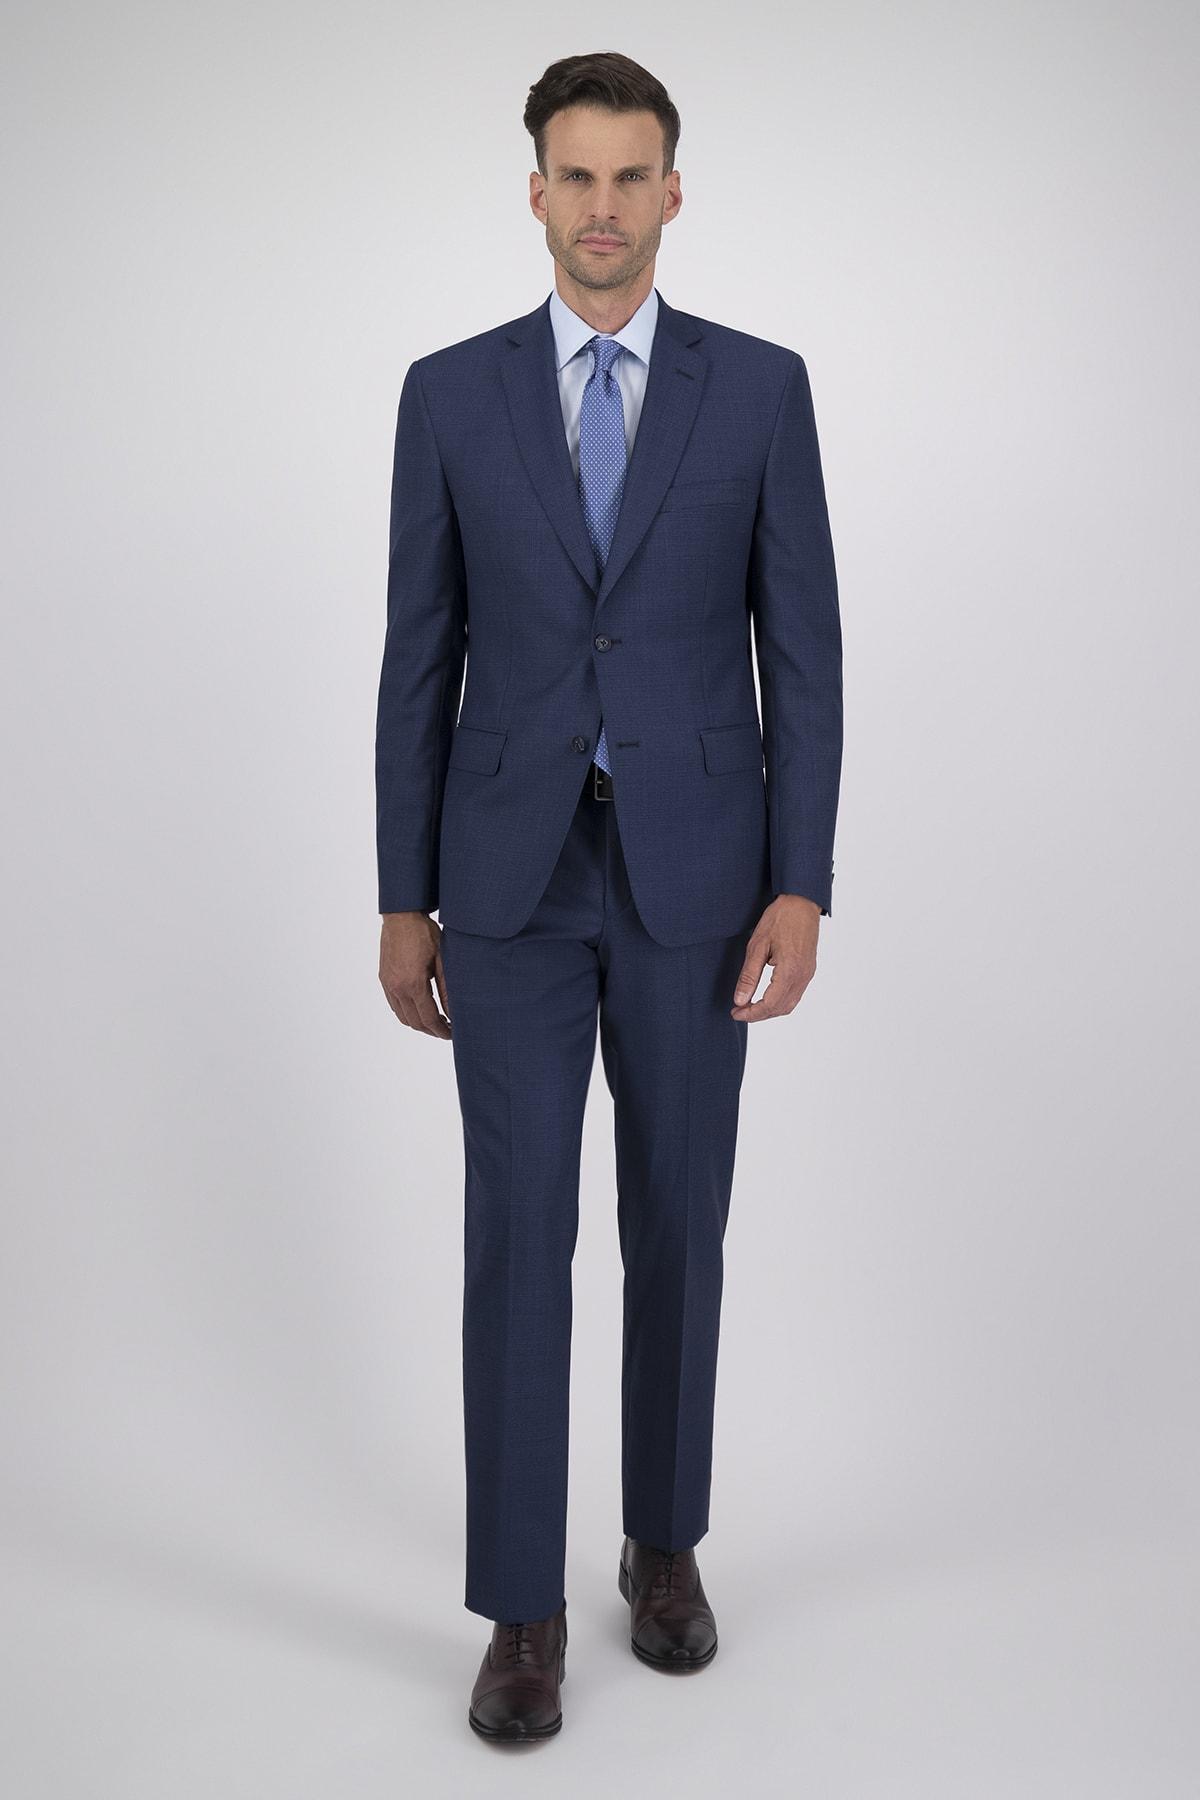 Traje corte Regular tejido Cloth Ermenegildo Zegna azul tipo Príncipe de Gales